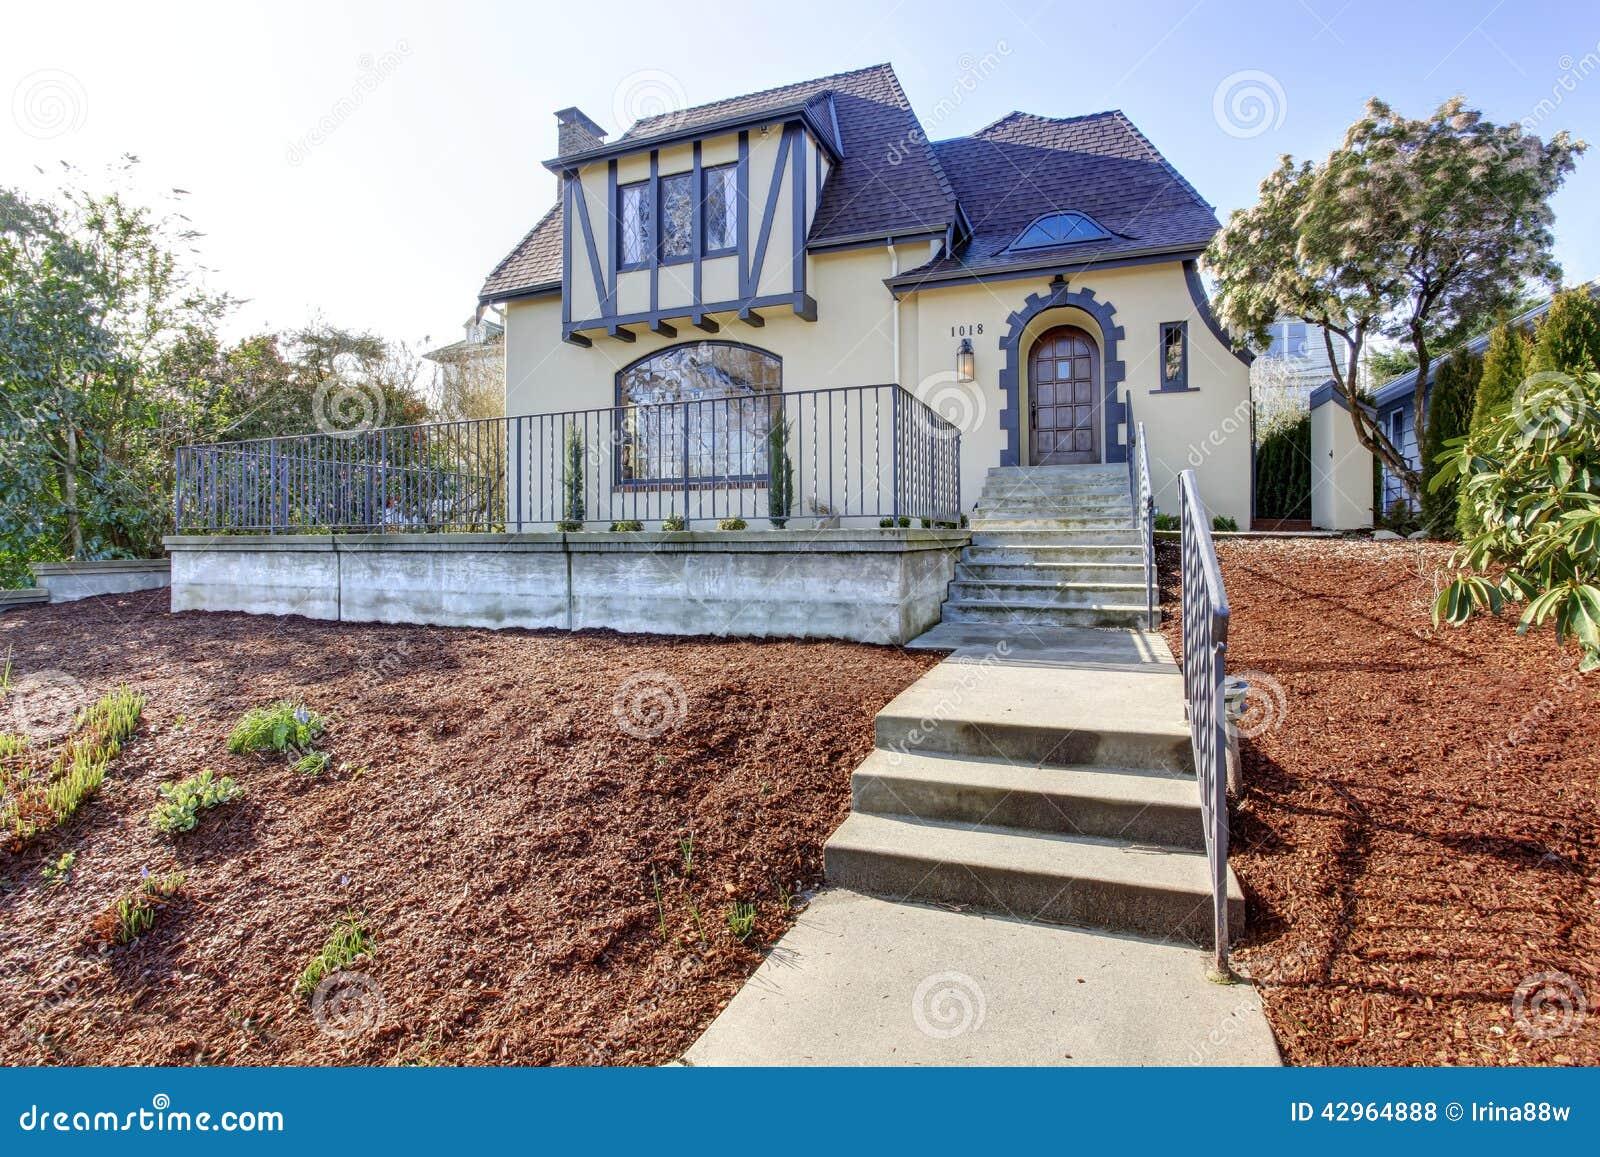 ext rieur anglais de maison de tuteur porche et escaliers ForExterieur Anglais